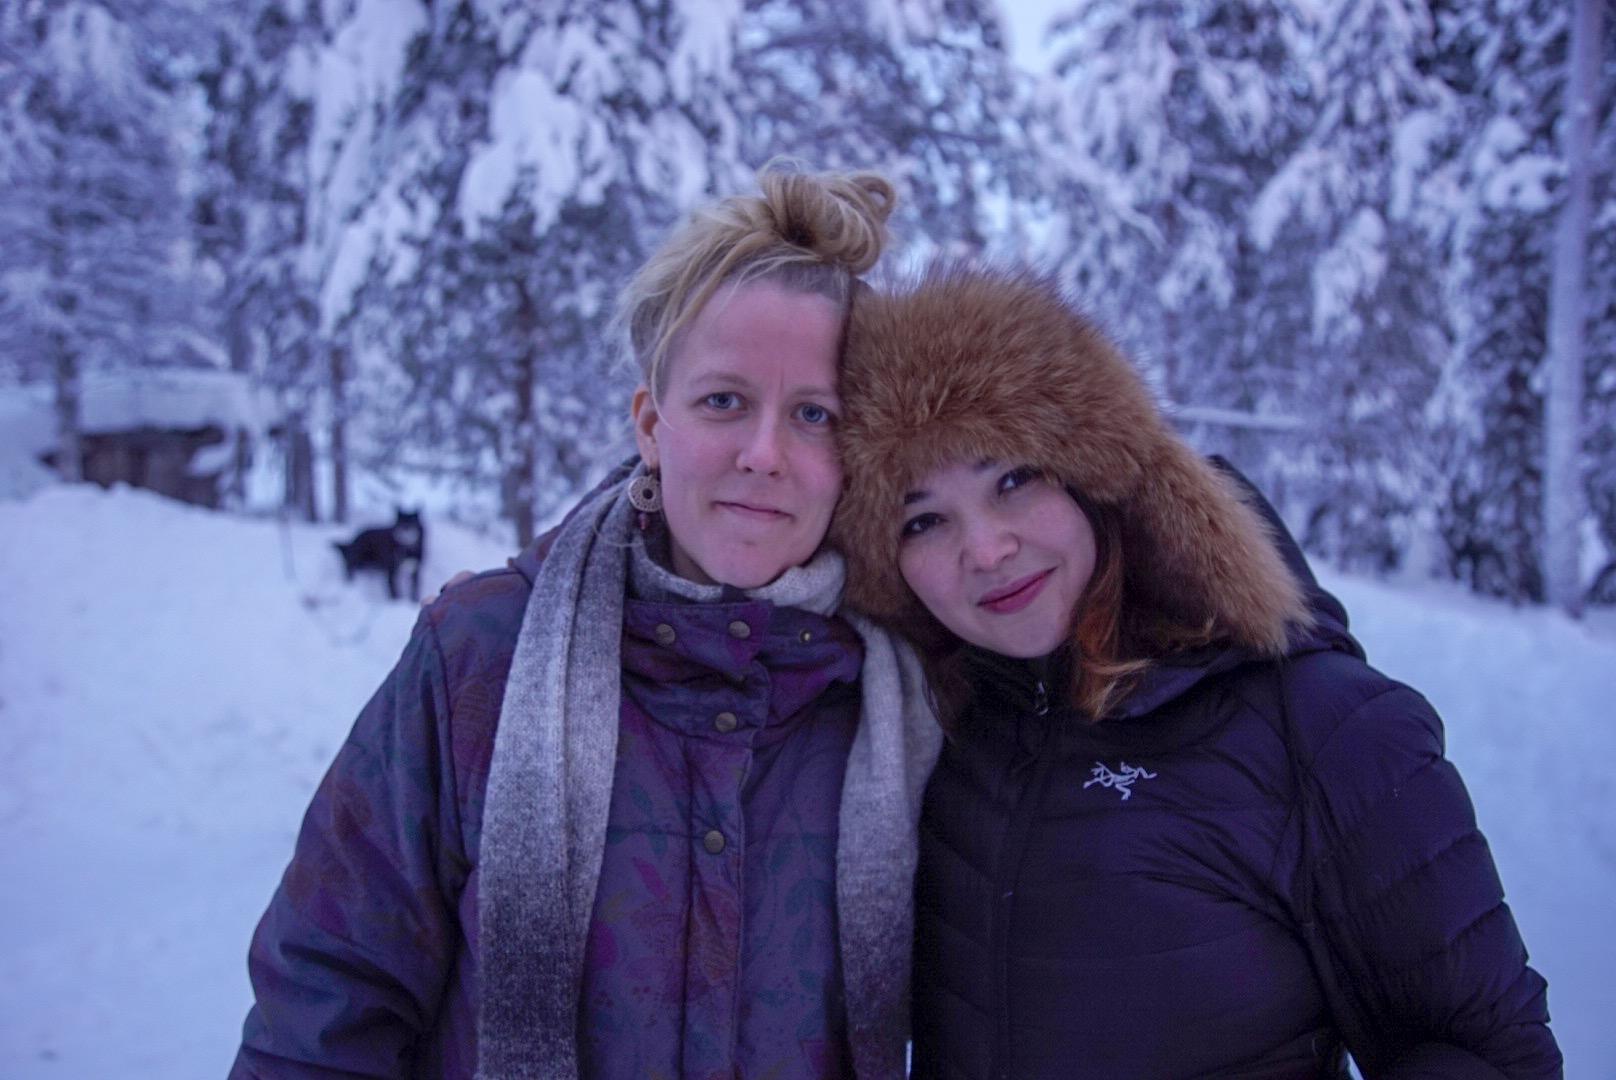 My soul sister Kati and me